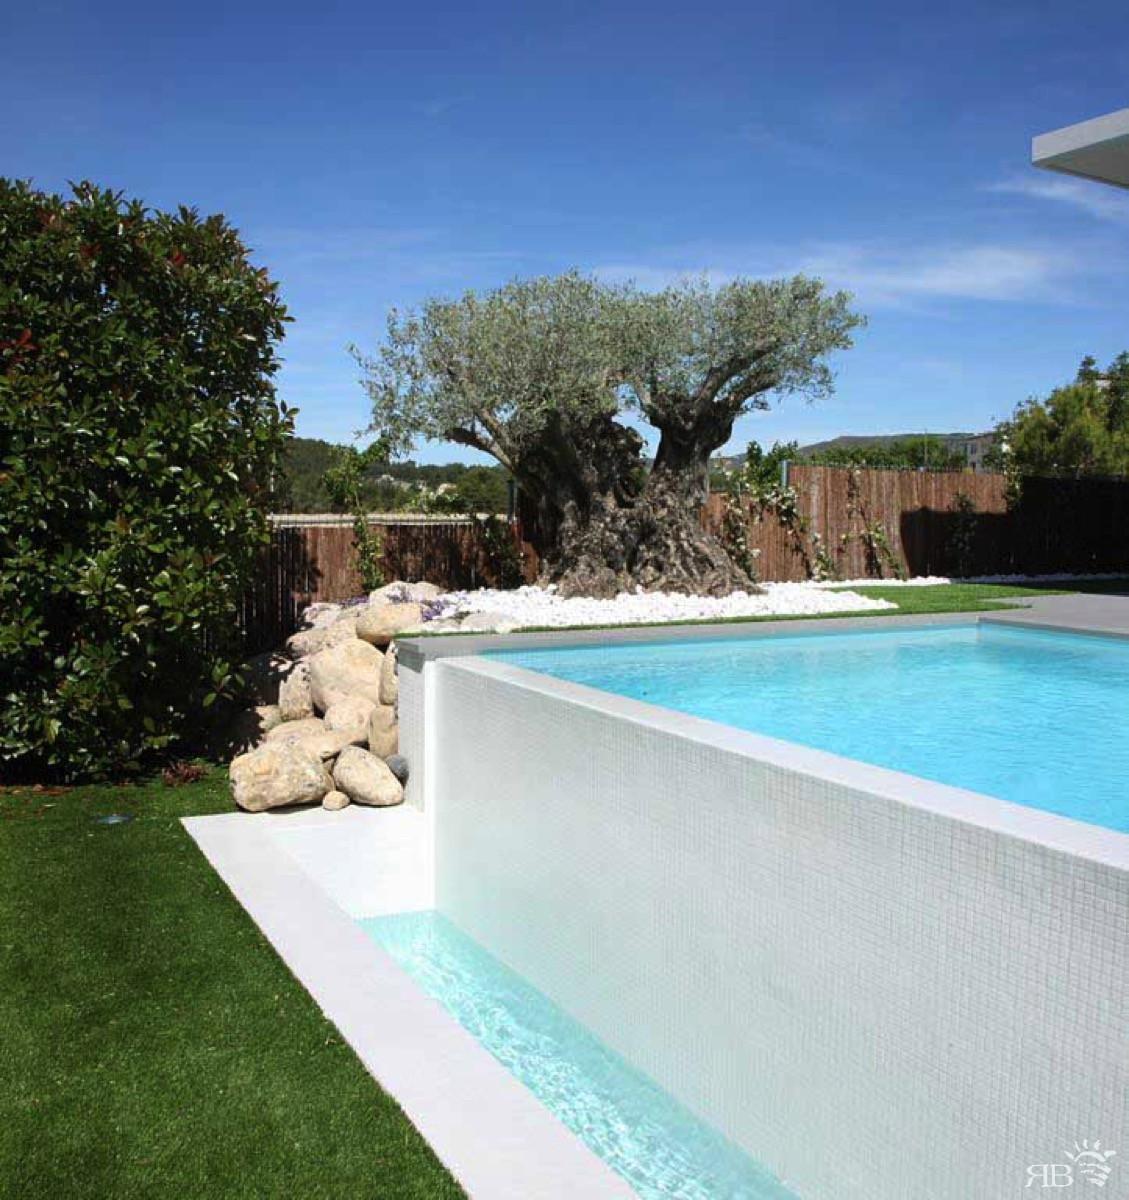 Piscina con lato sfioro cascata rb piscine - B b noto con piscina ...